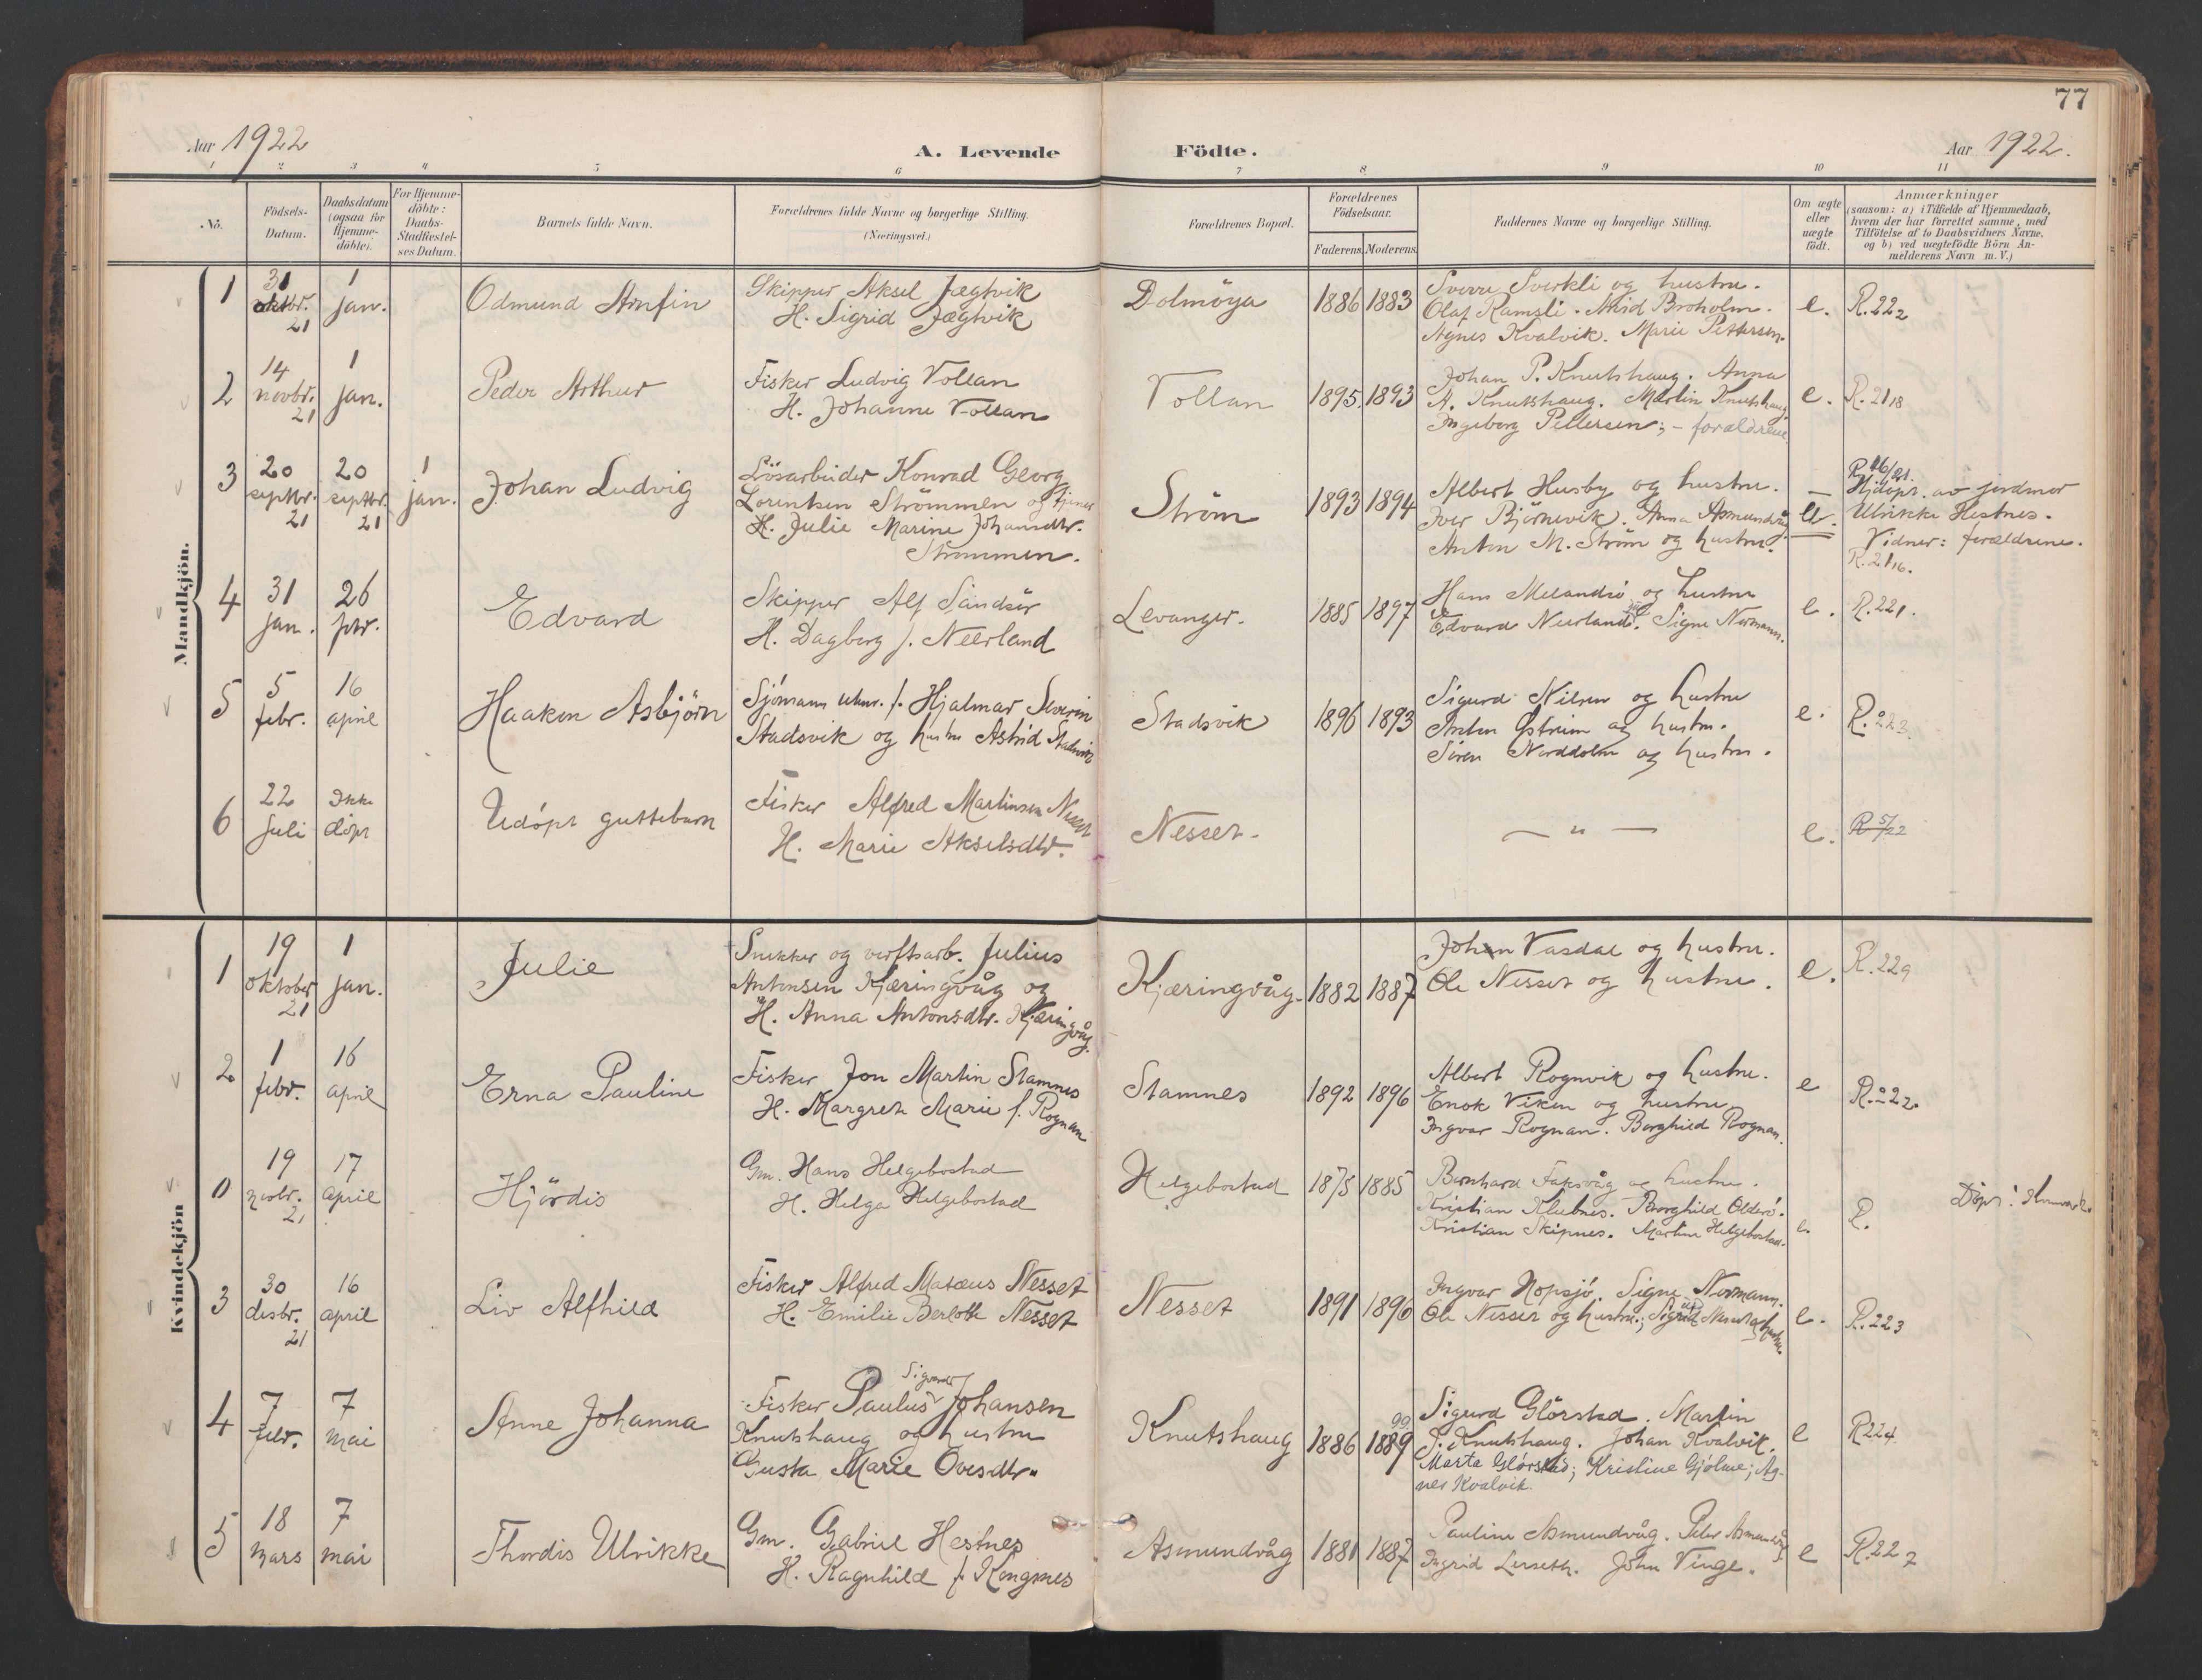 SAT, Ministerialprotokoller, klokkerbøker og fødselsregistre - Sør-Trøndelag, 634/L0537: Ministerialbok nr. 634A13, 1896-1922, s. 77